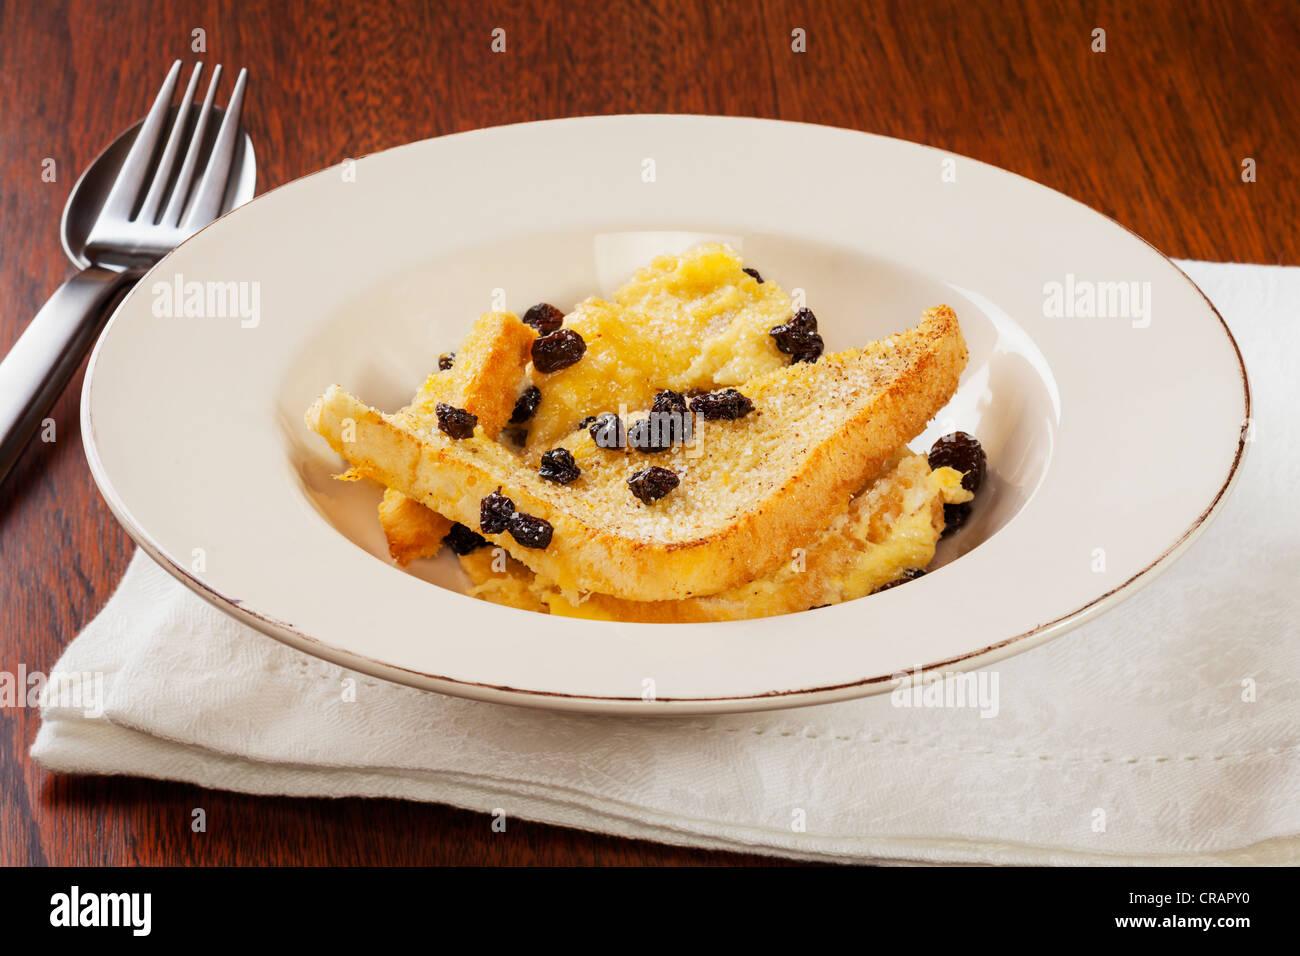 Una porción de budín de pan casero y mantequilla. Imagen De Stock